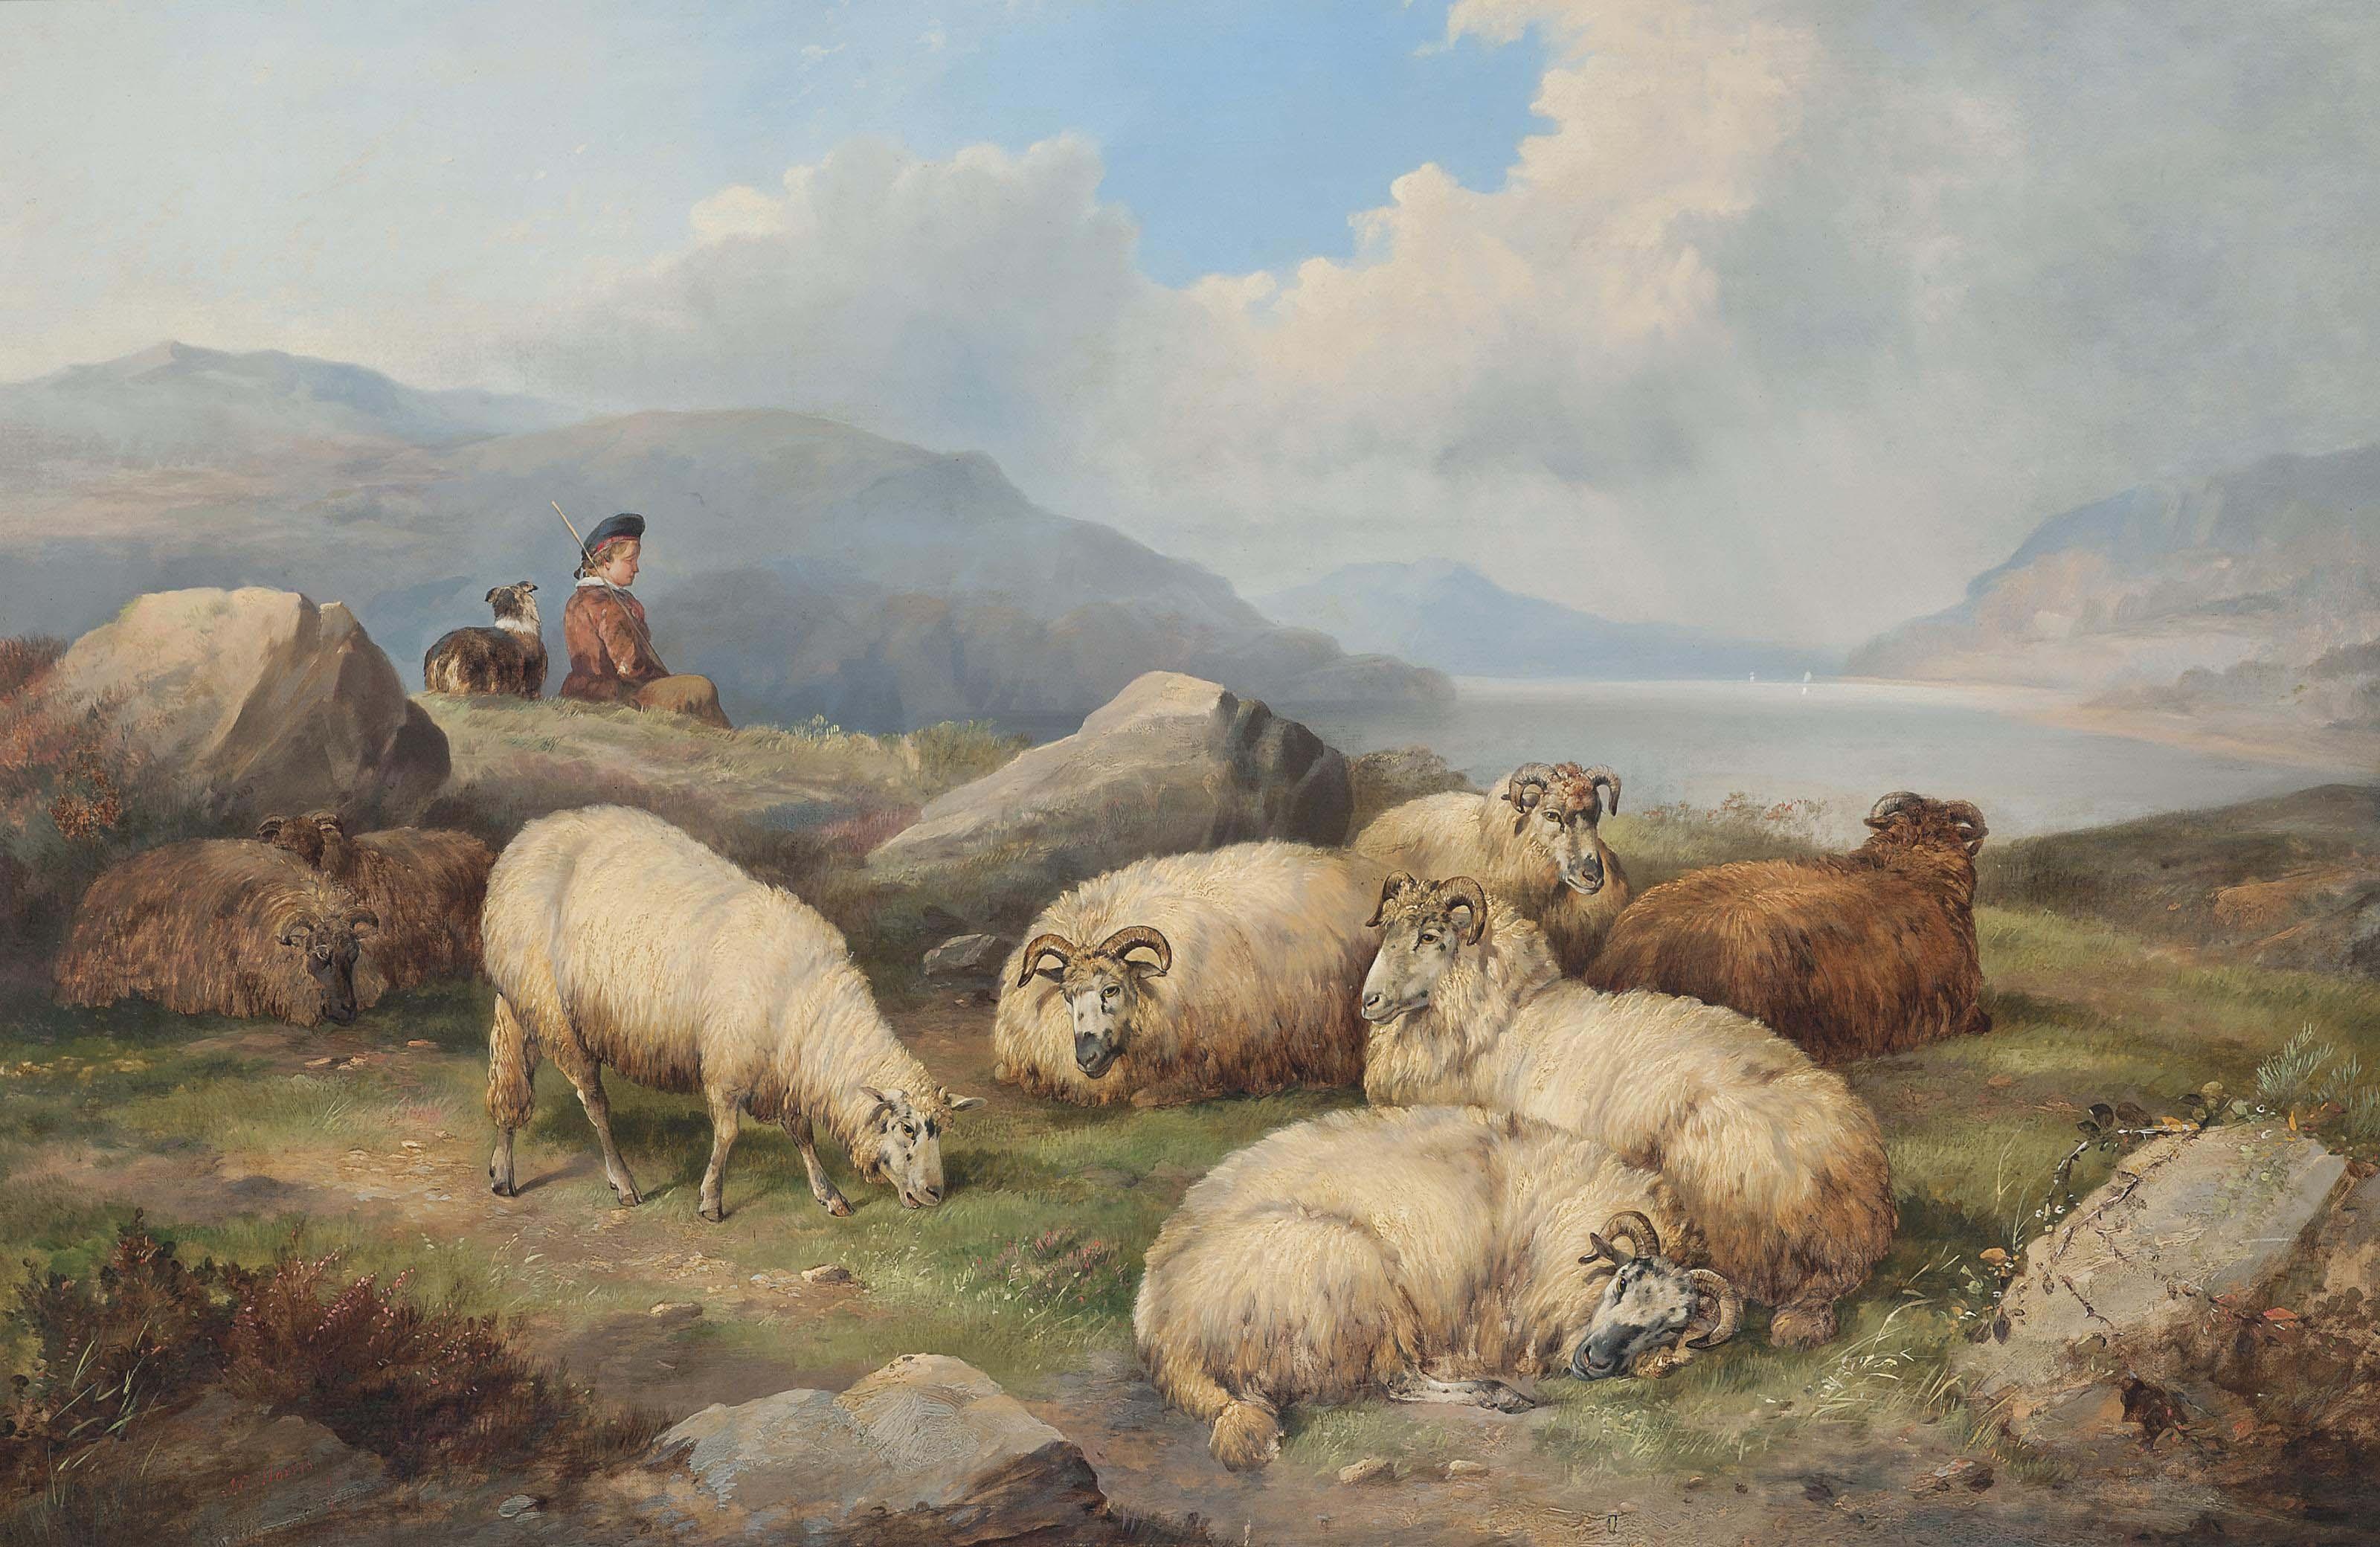 J.C. Morris (fl. 1851-1863)